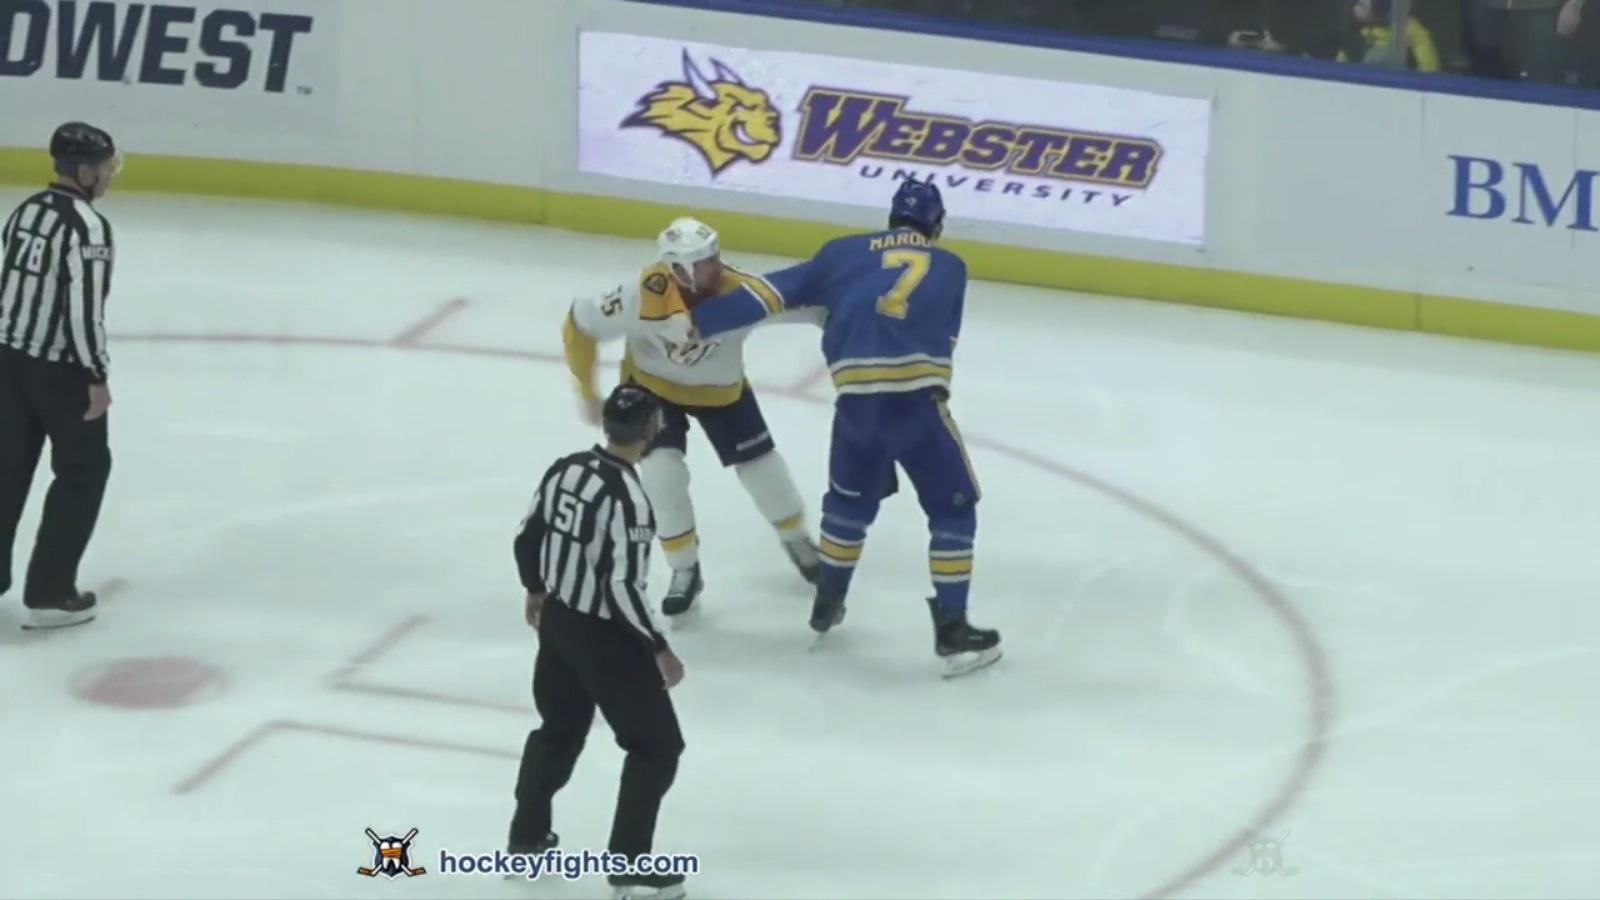 Patrick Maroon vs. Cody McLeod